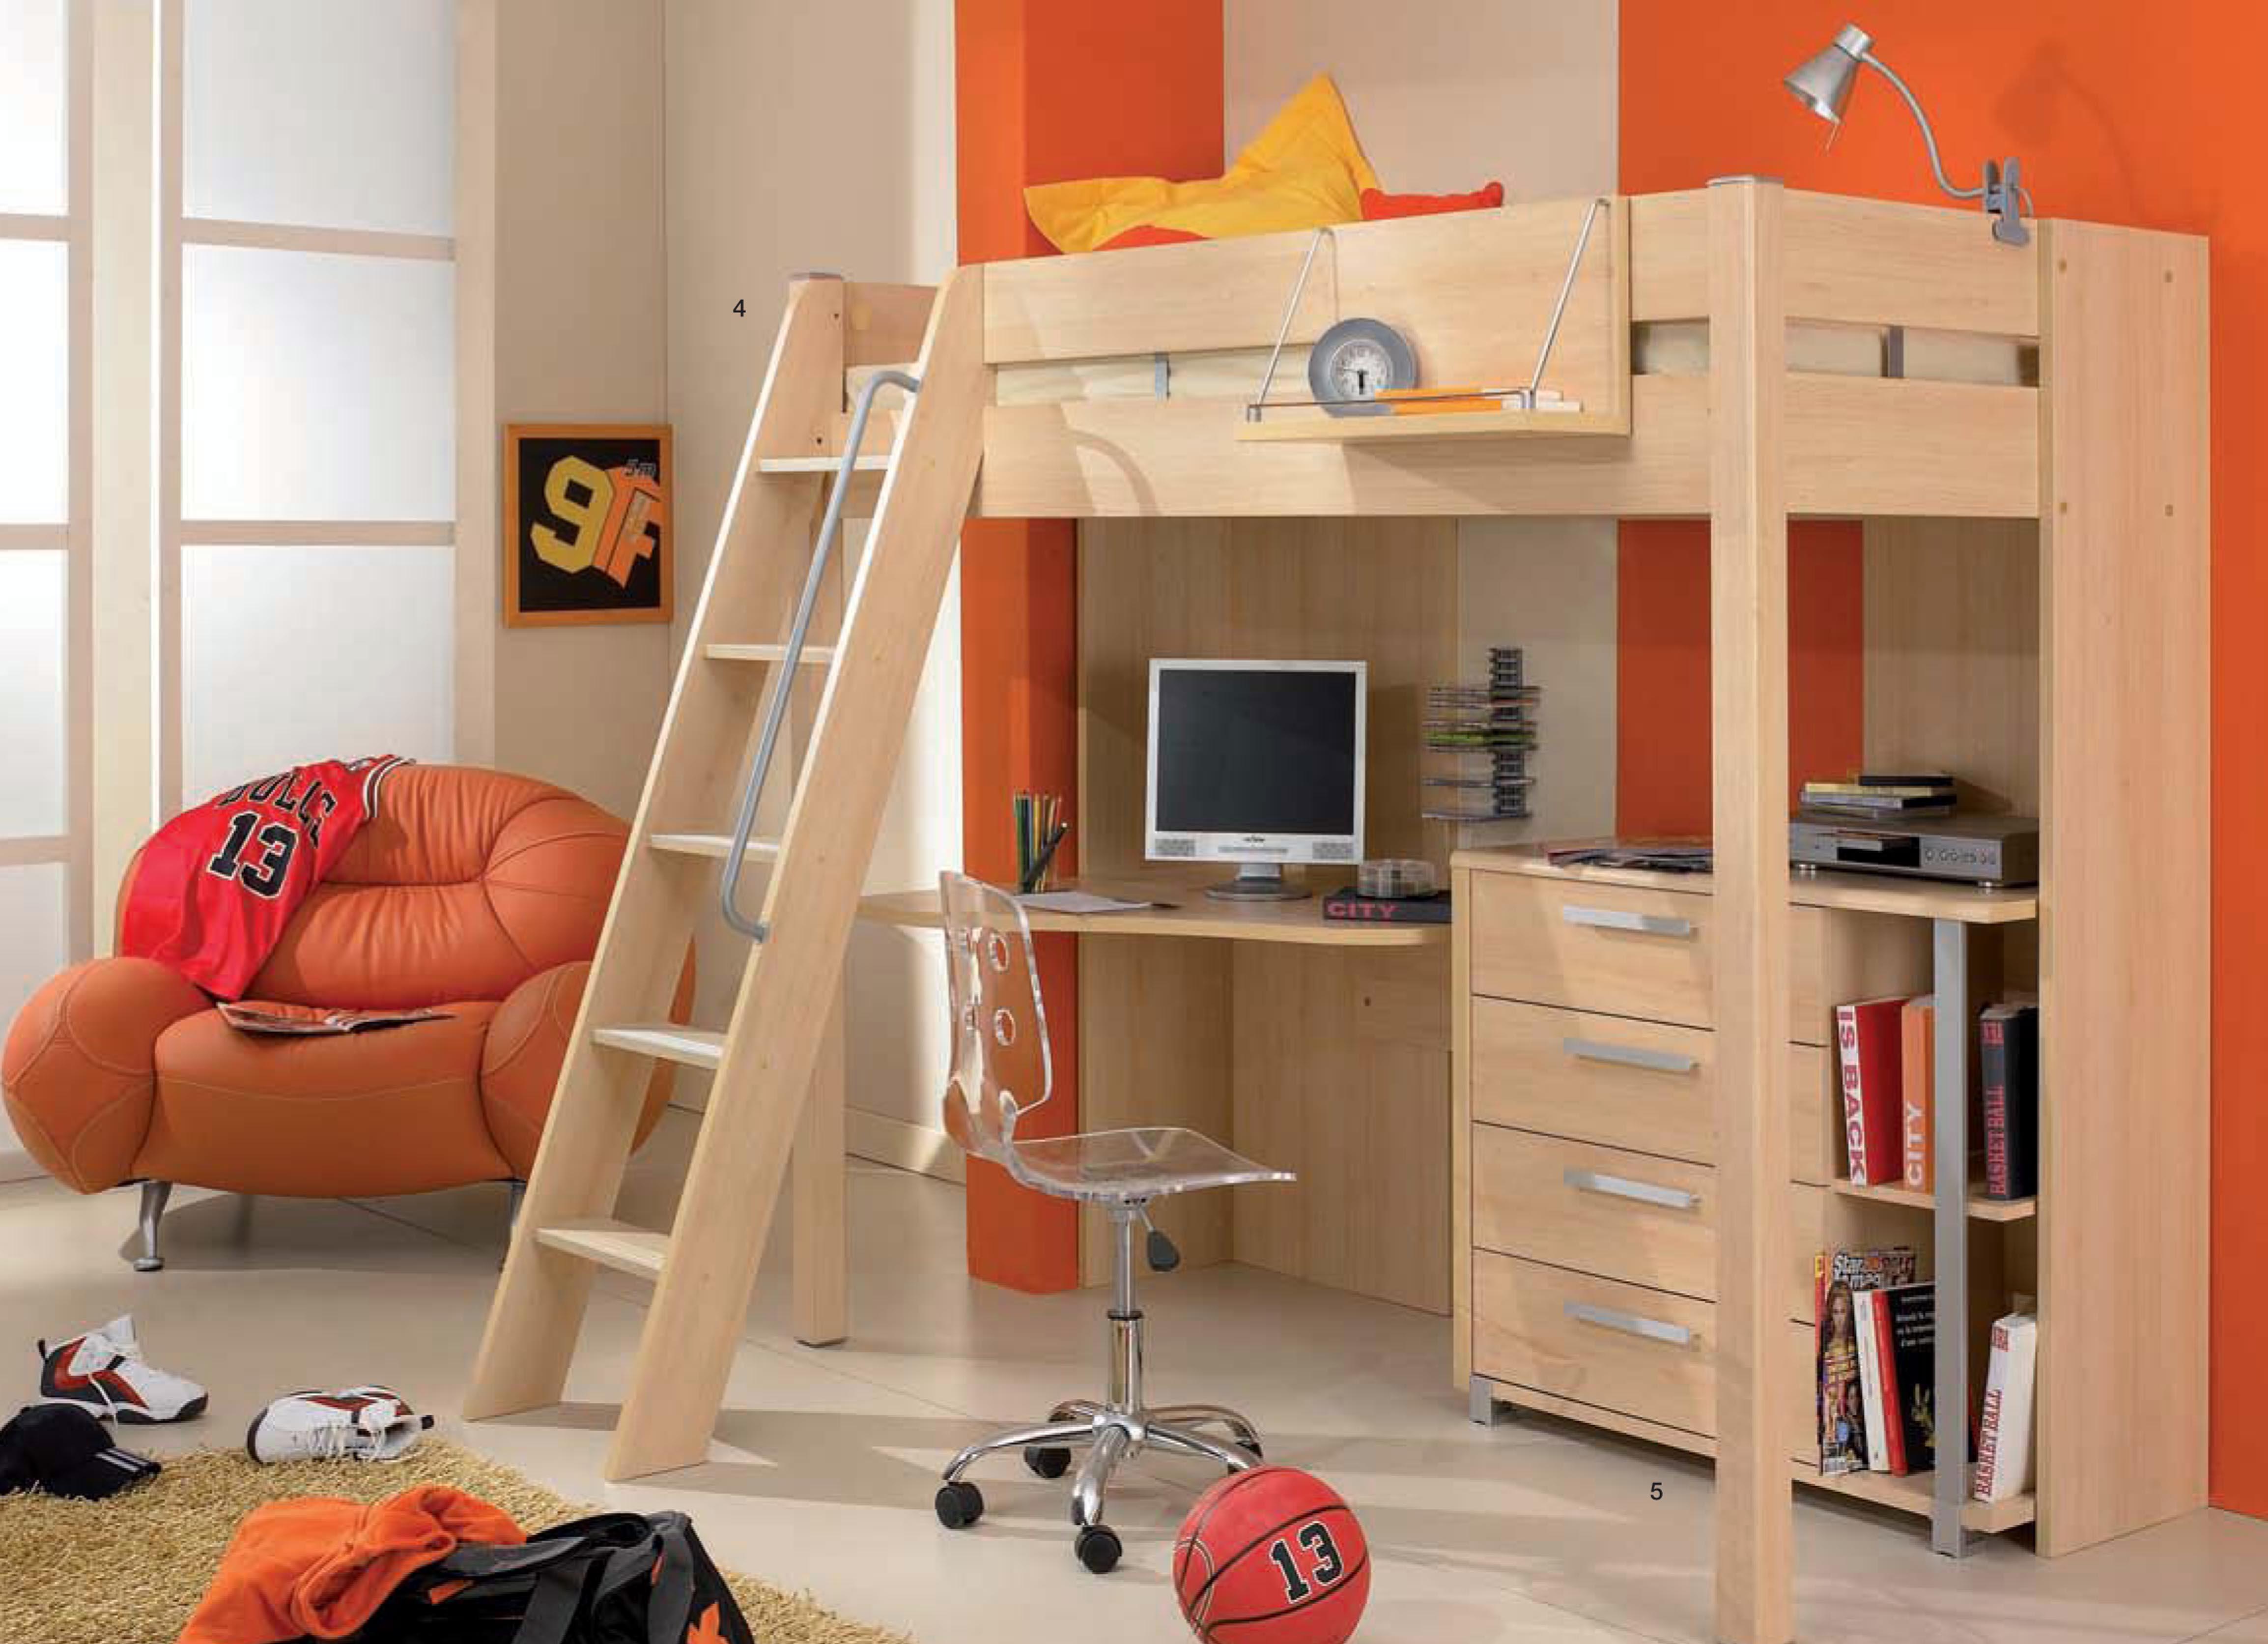 Maderitas dormitorios infantiles y juveniles cama alta con escritorio - Cama con escritorio abajo ...